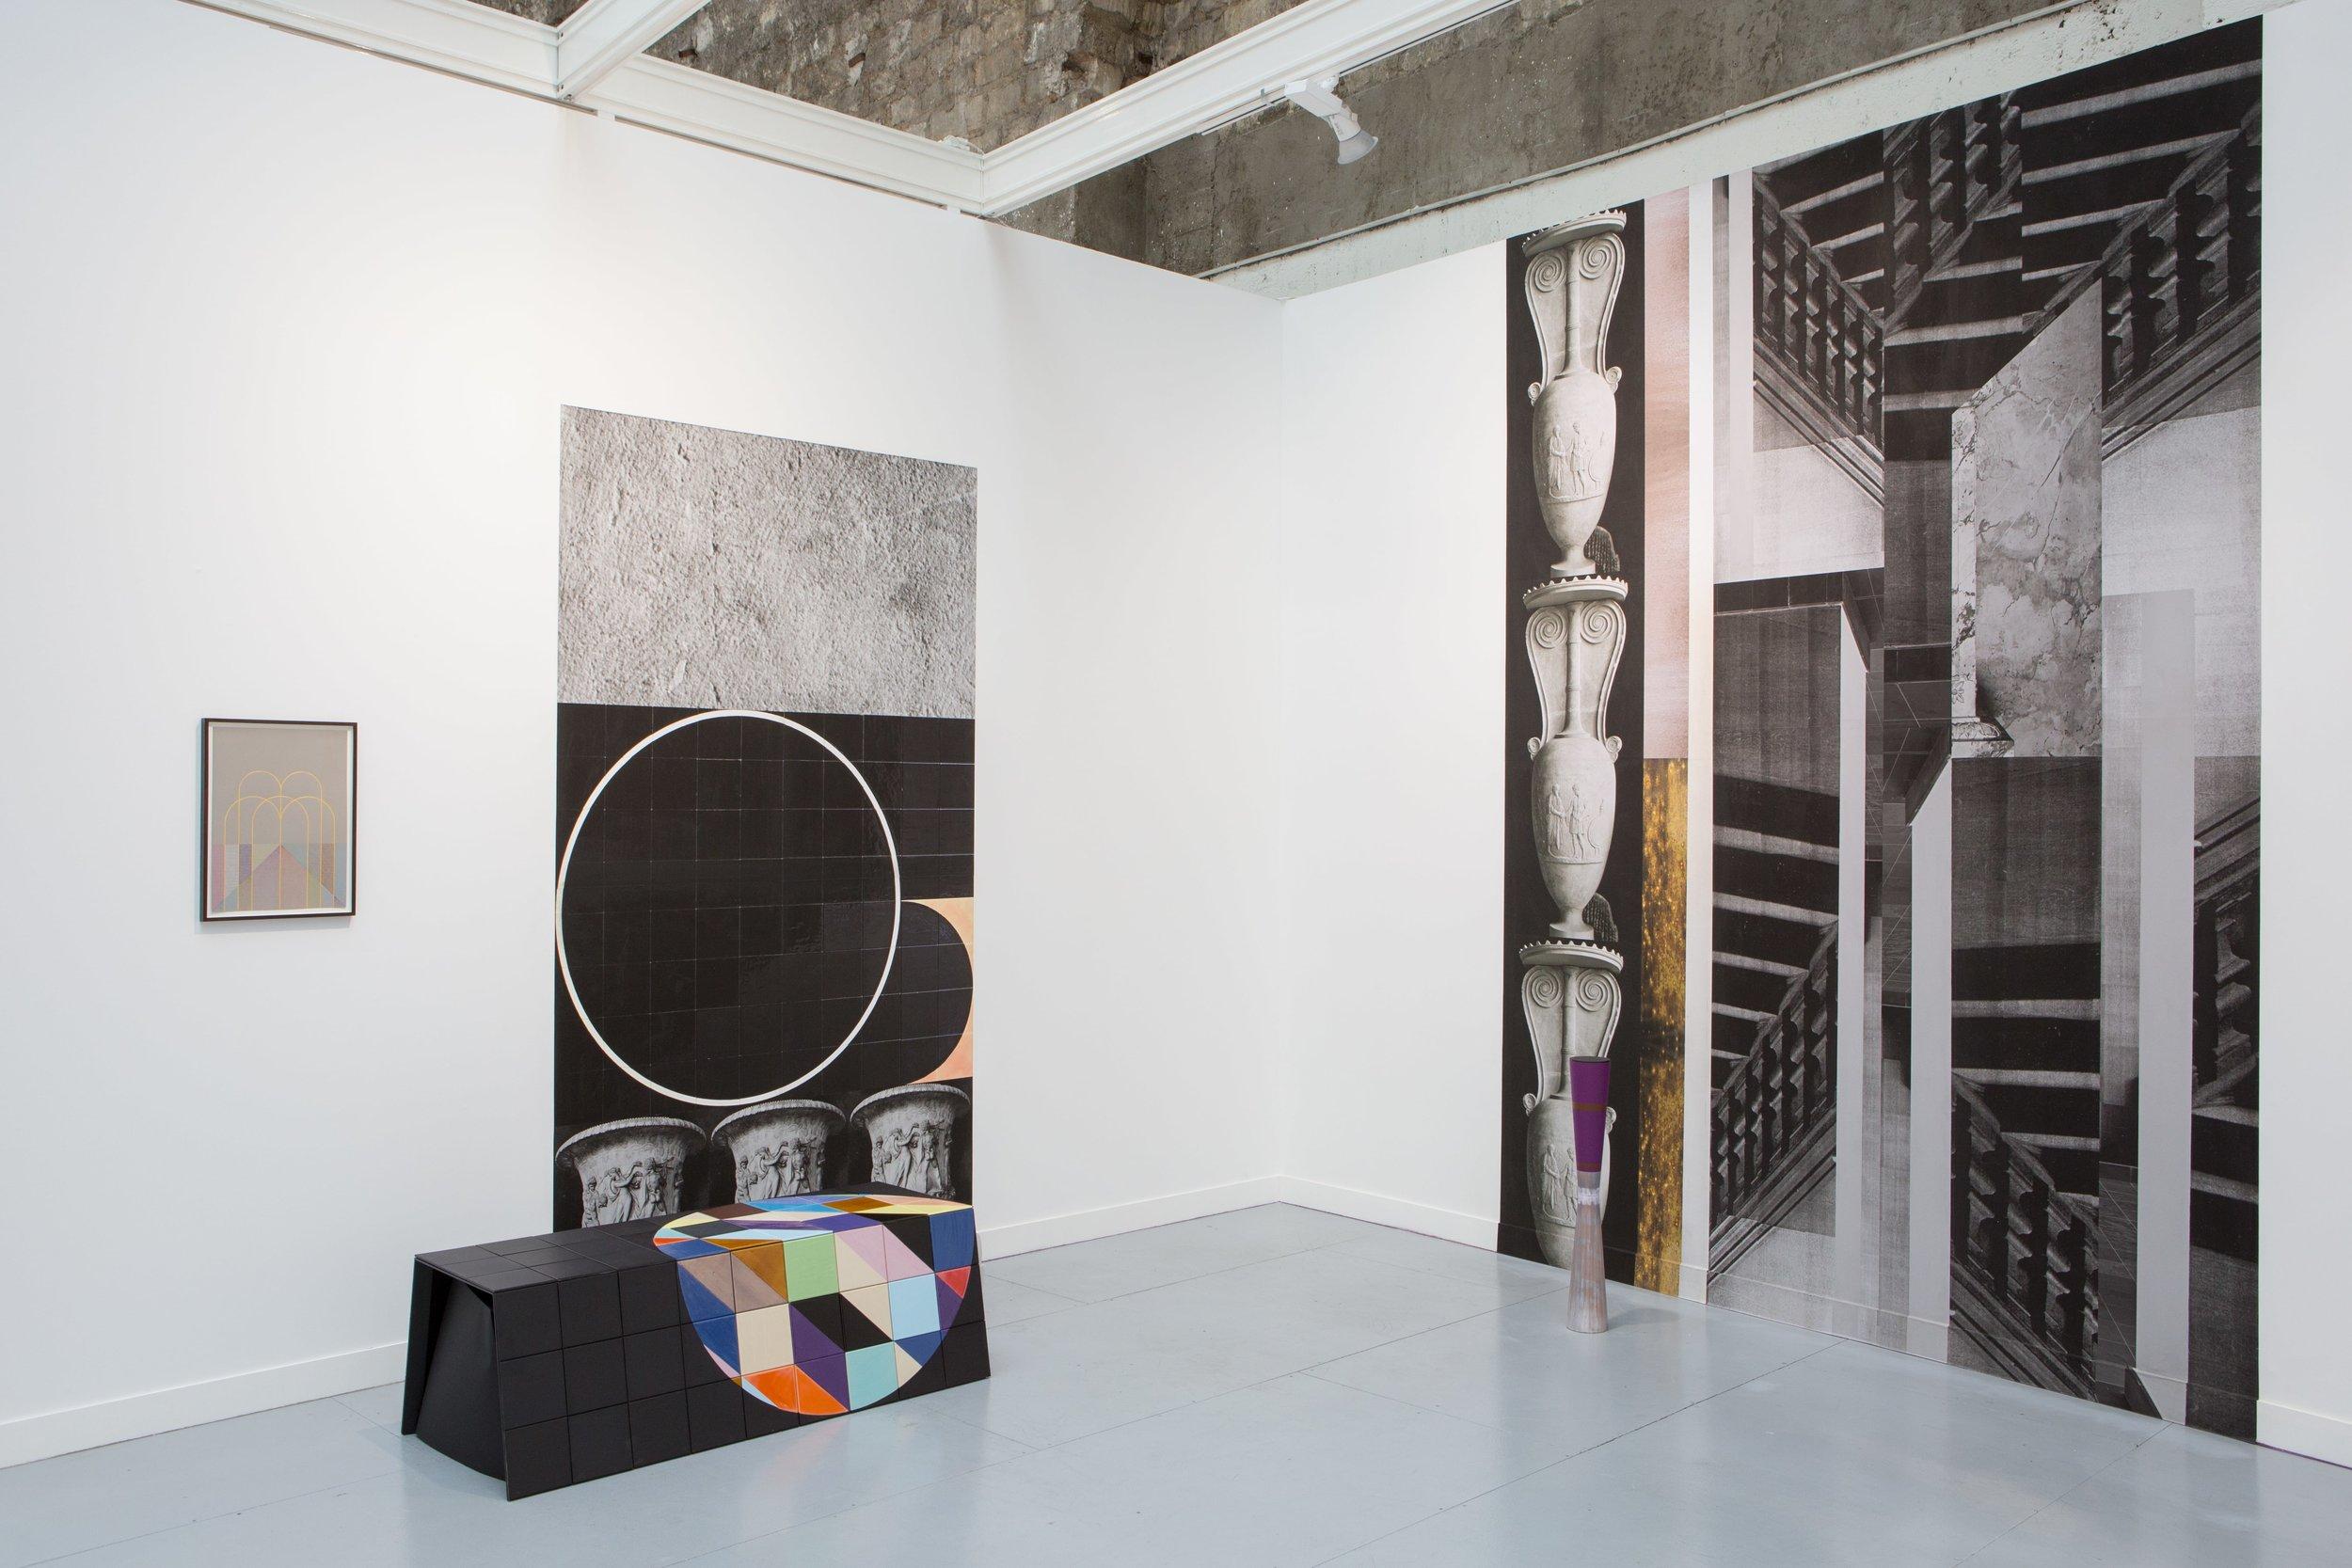 FIAC 2015, installation view